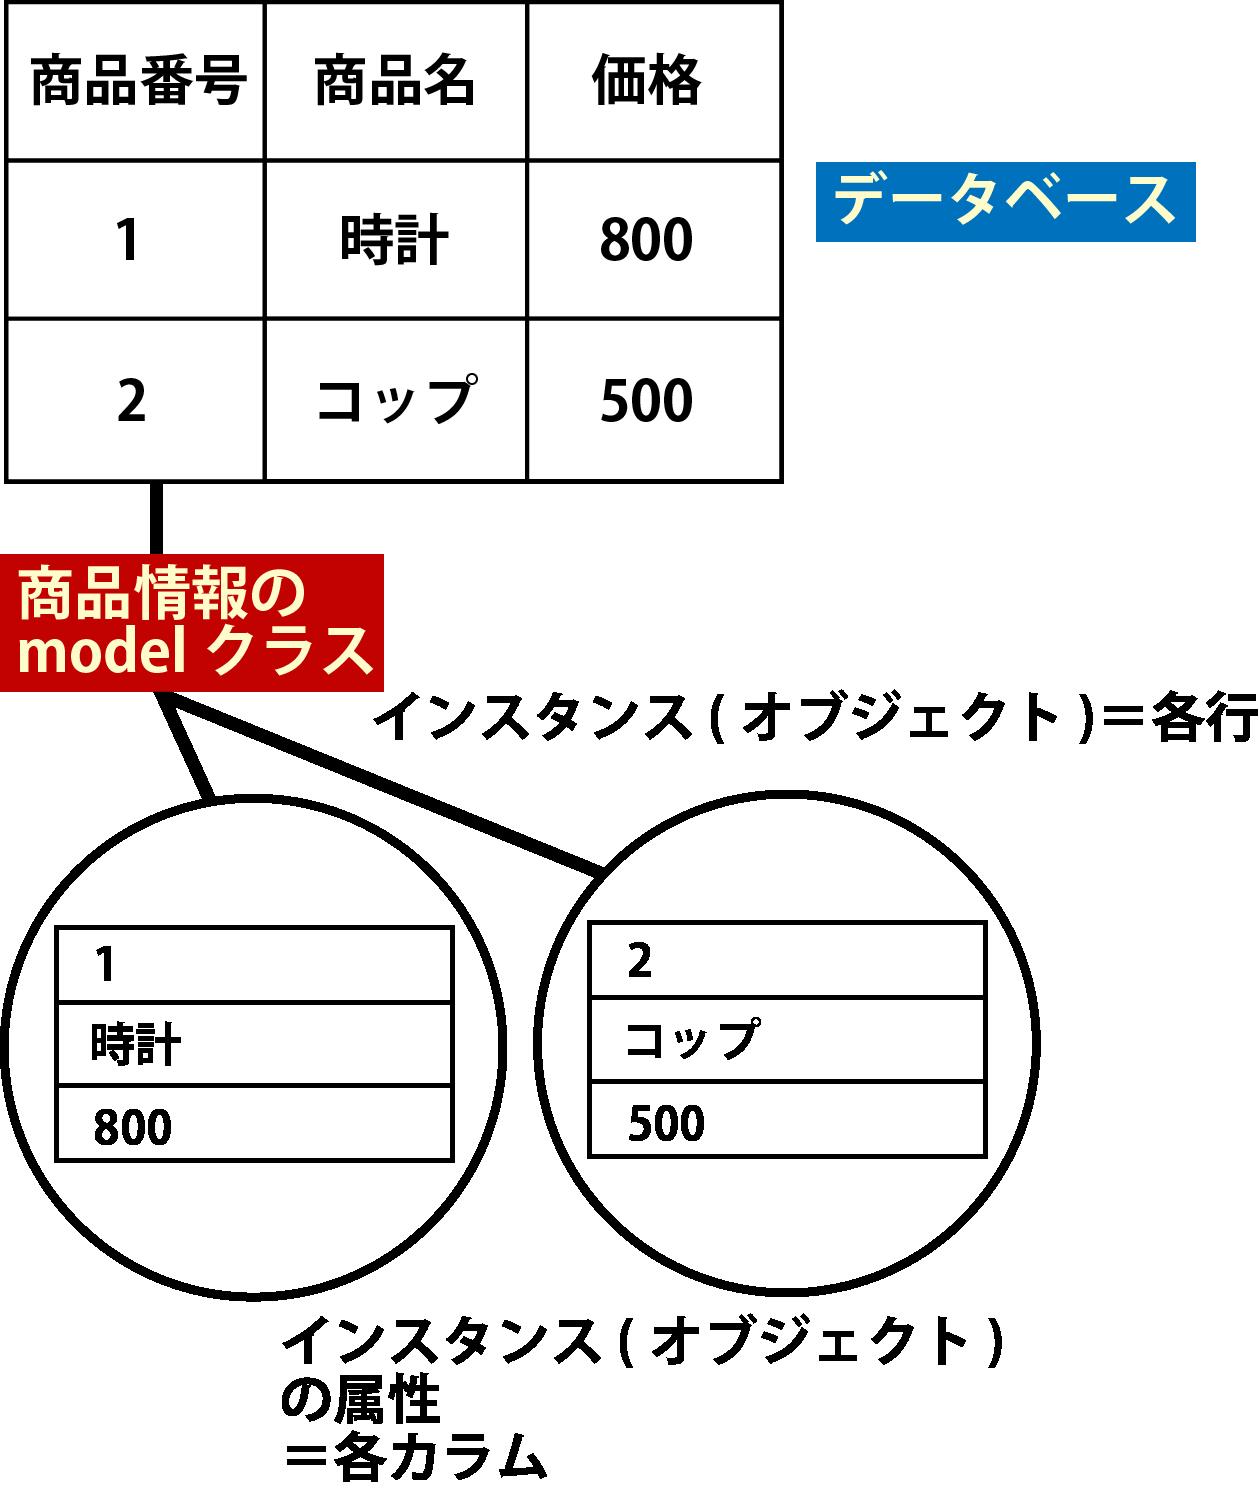 Rails model解説画像